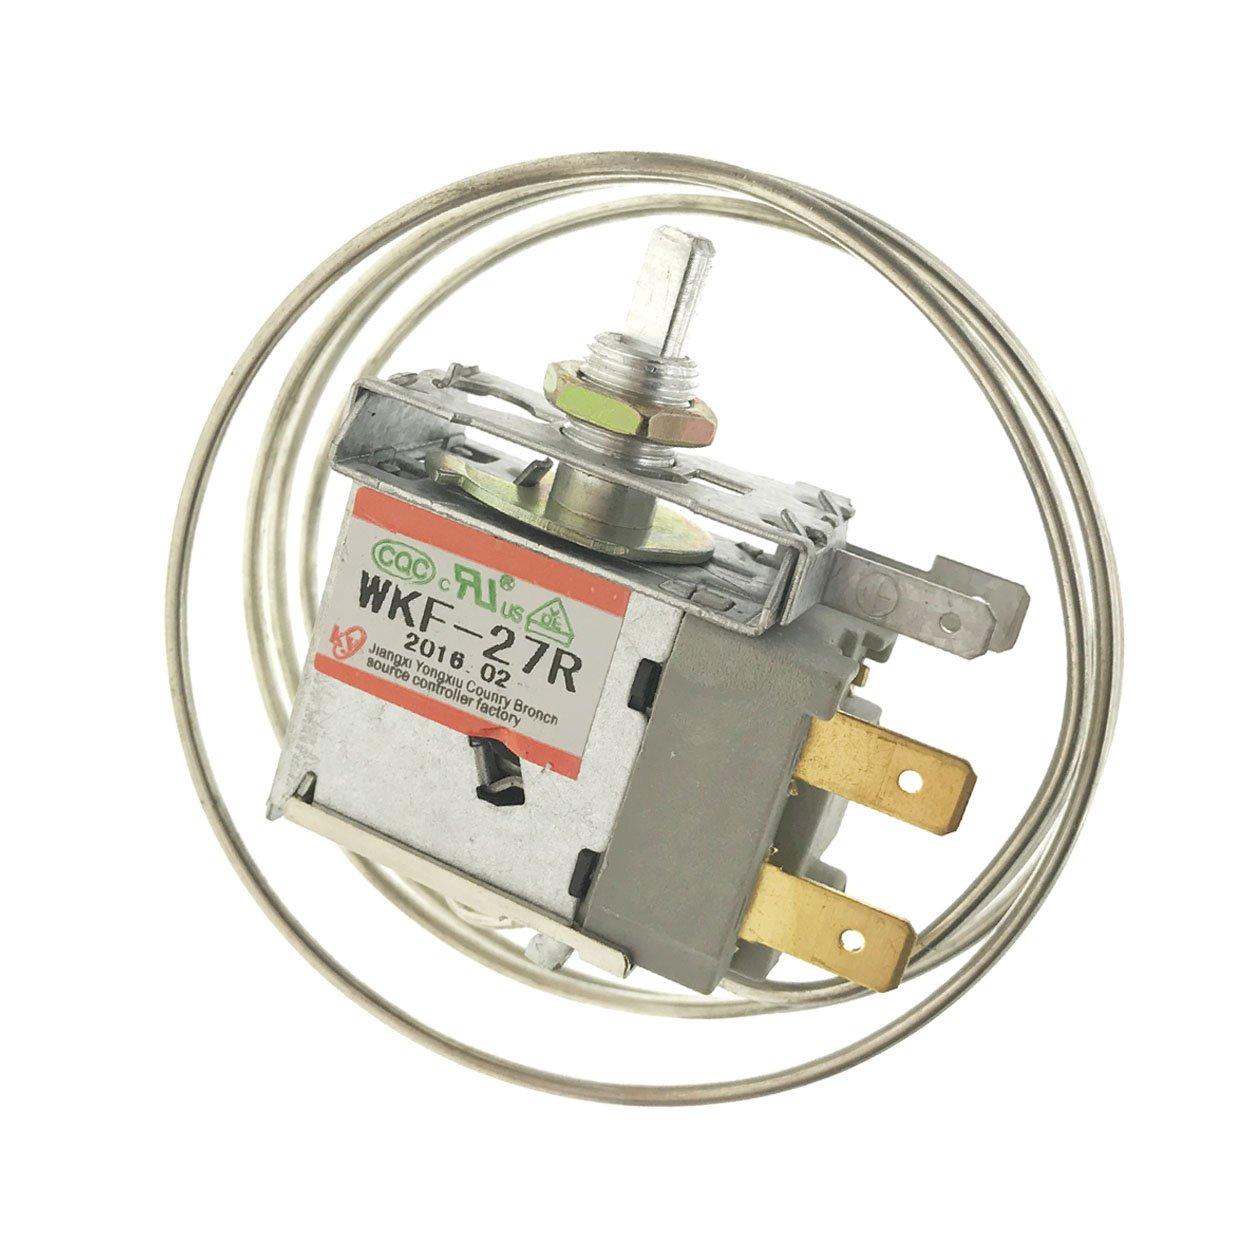 Saim AC 250V 6A 2 Pin Terminals Freezer Refrigerator Thermostat WKF-27R SX00009